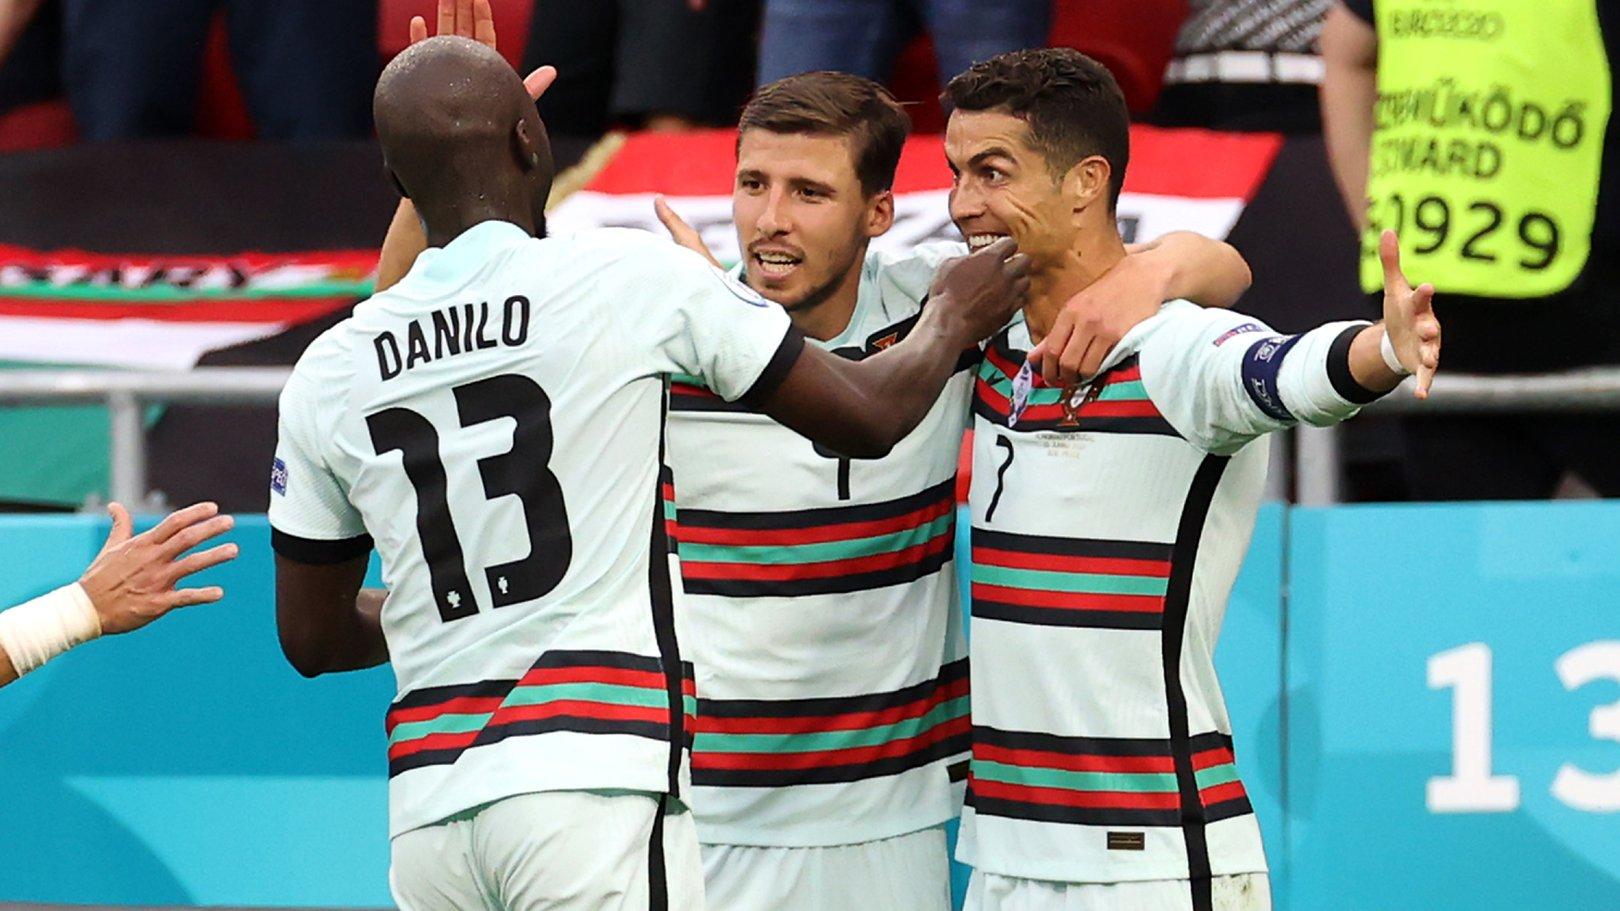 후반 마지막에 터진 3골과 함께 승리를 거둔 디아스와 베르나르두